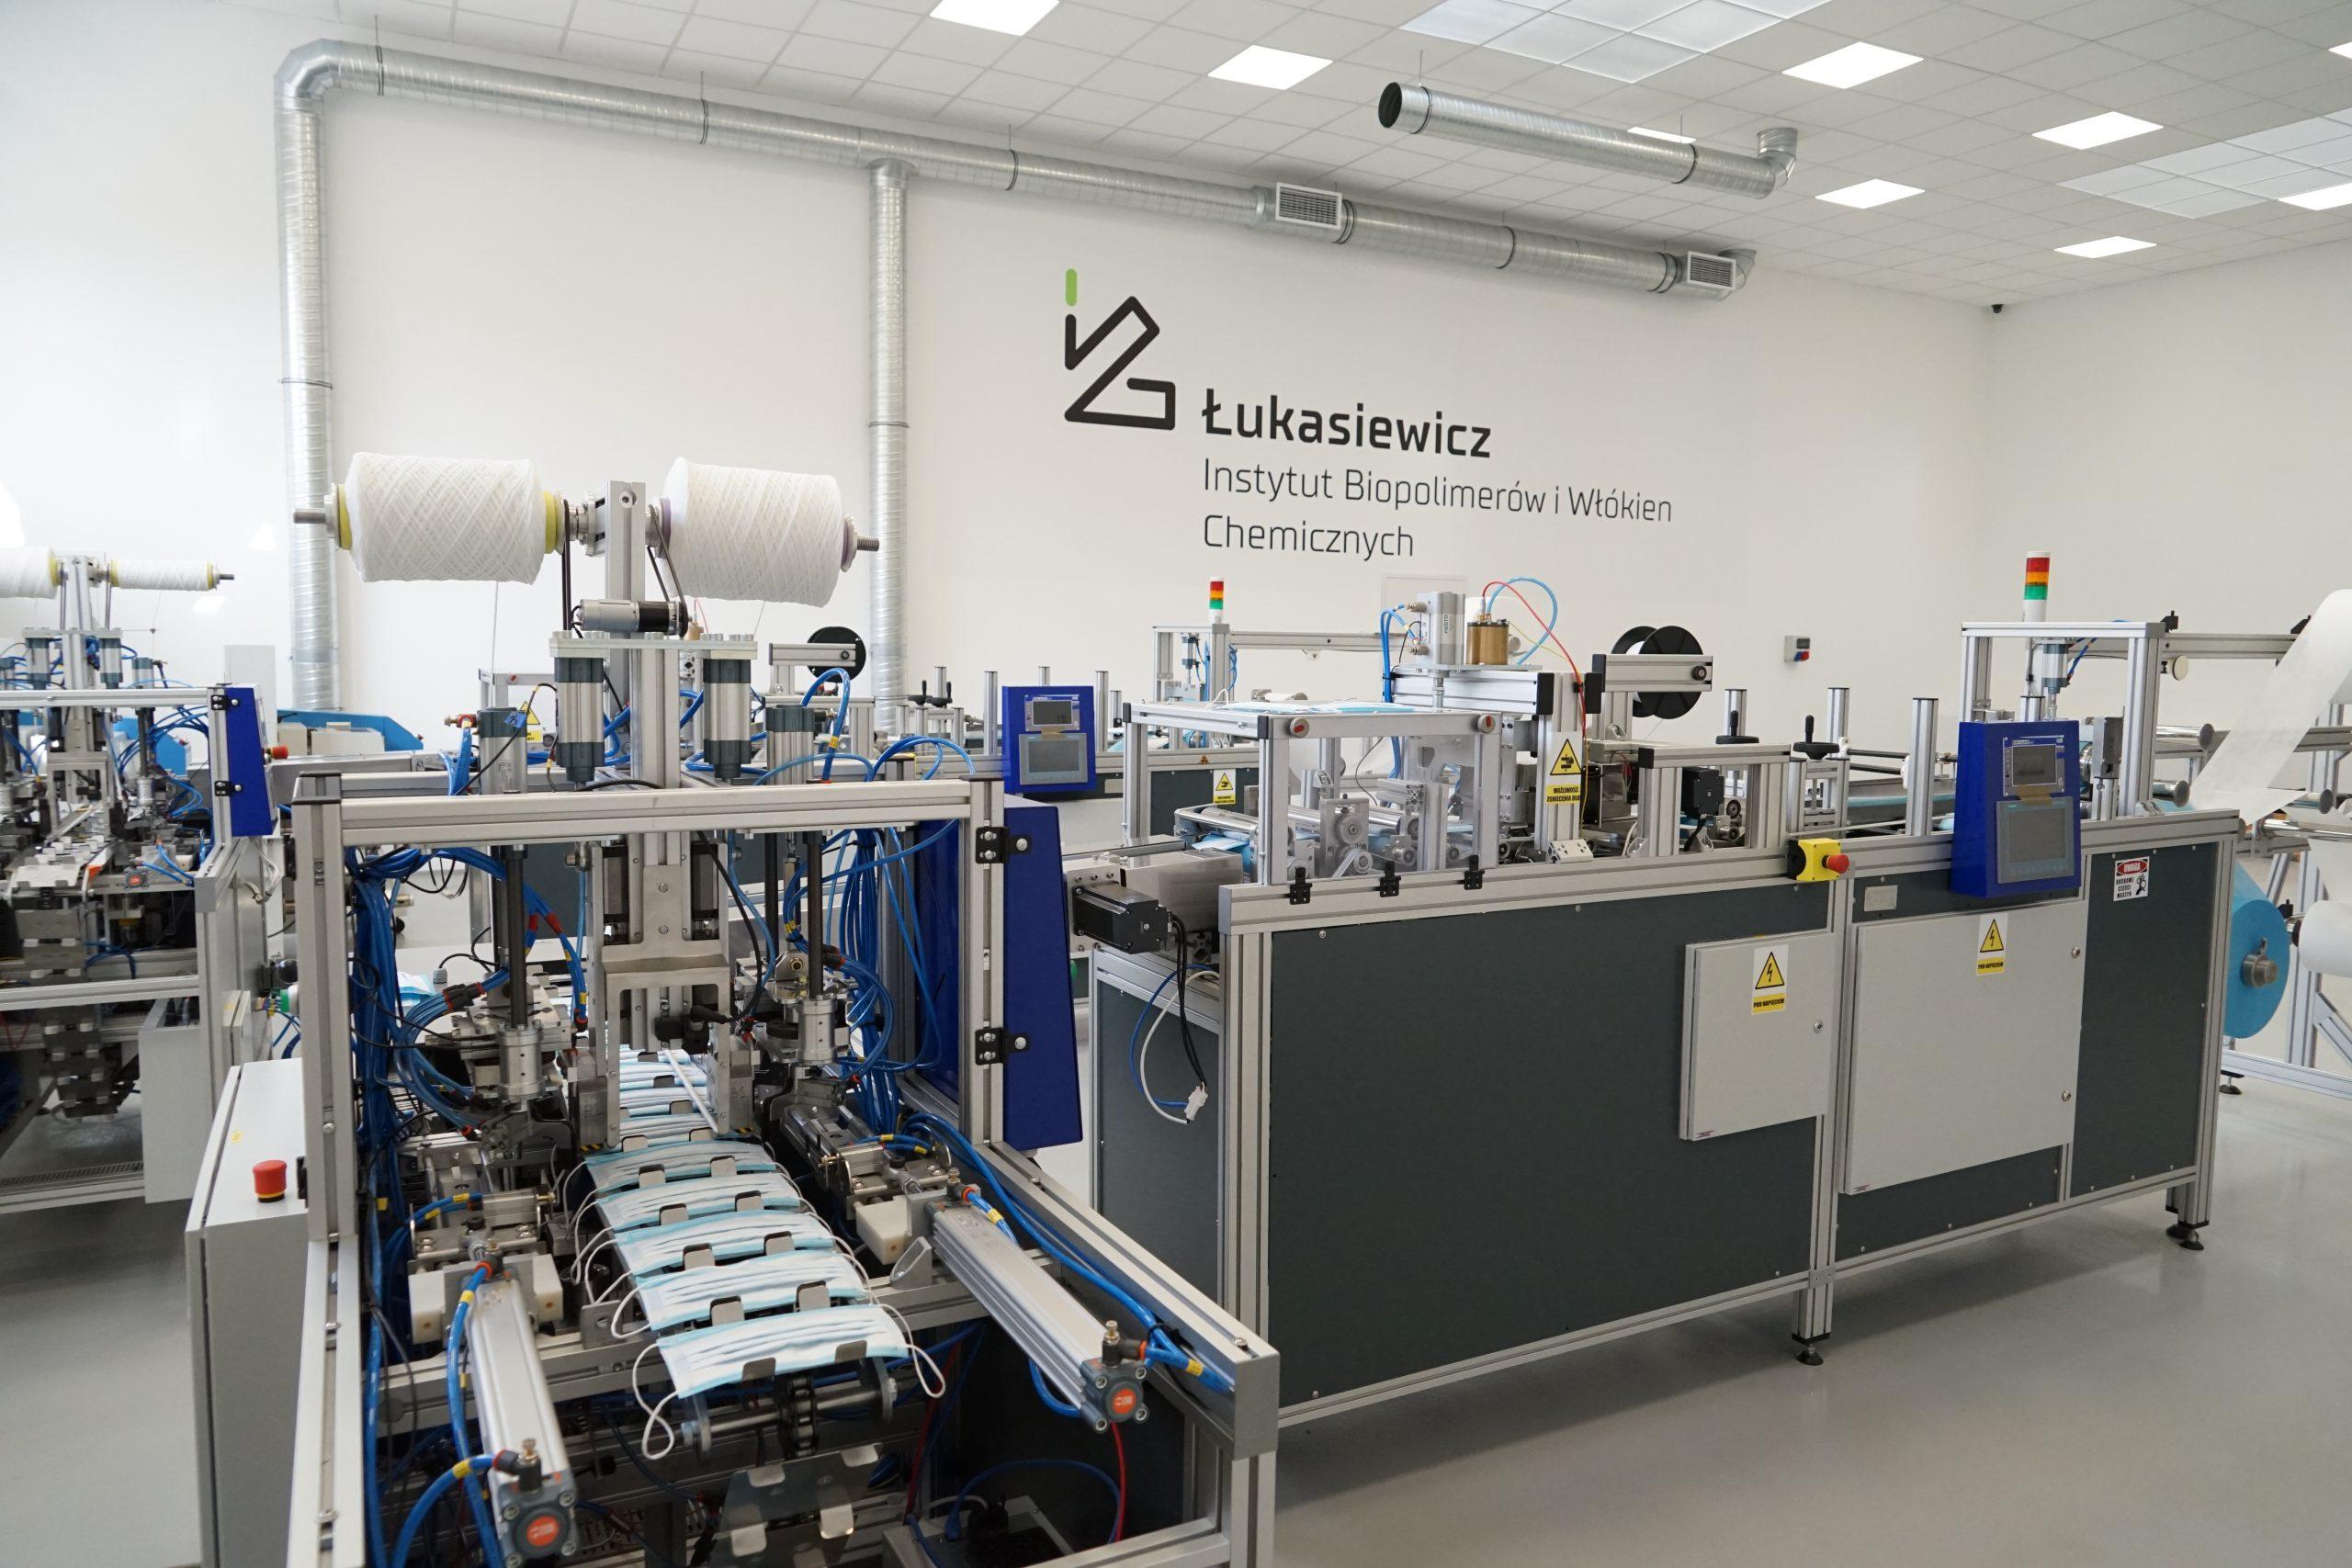 Zmieniamy się dla Was – centrum prototypowania technologii w Łukasiewicz – IBWCh